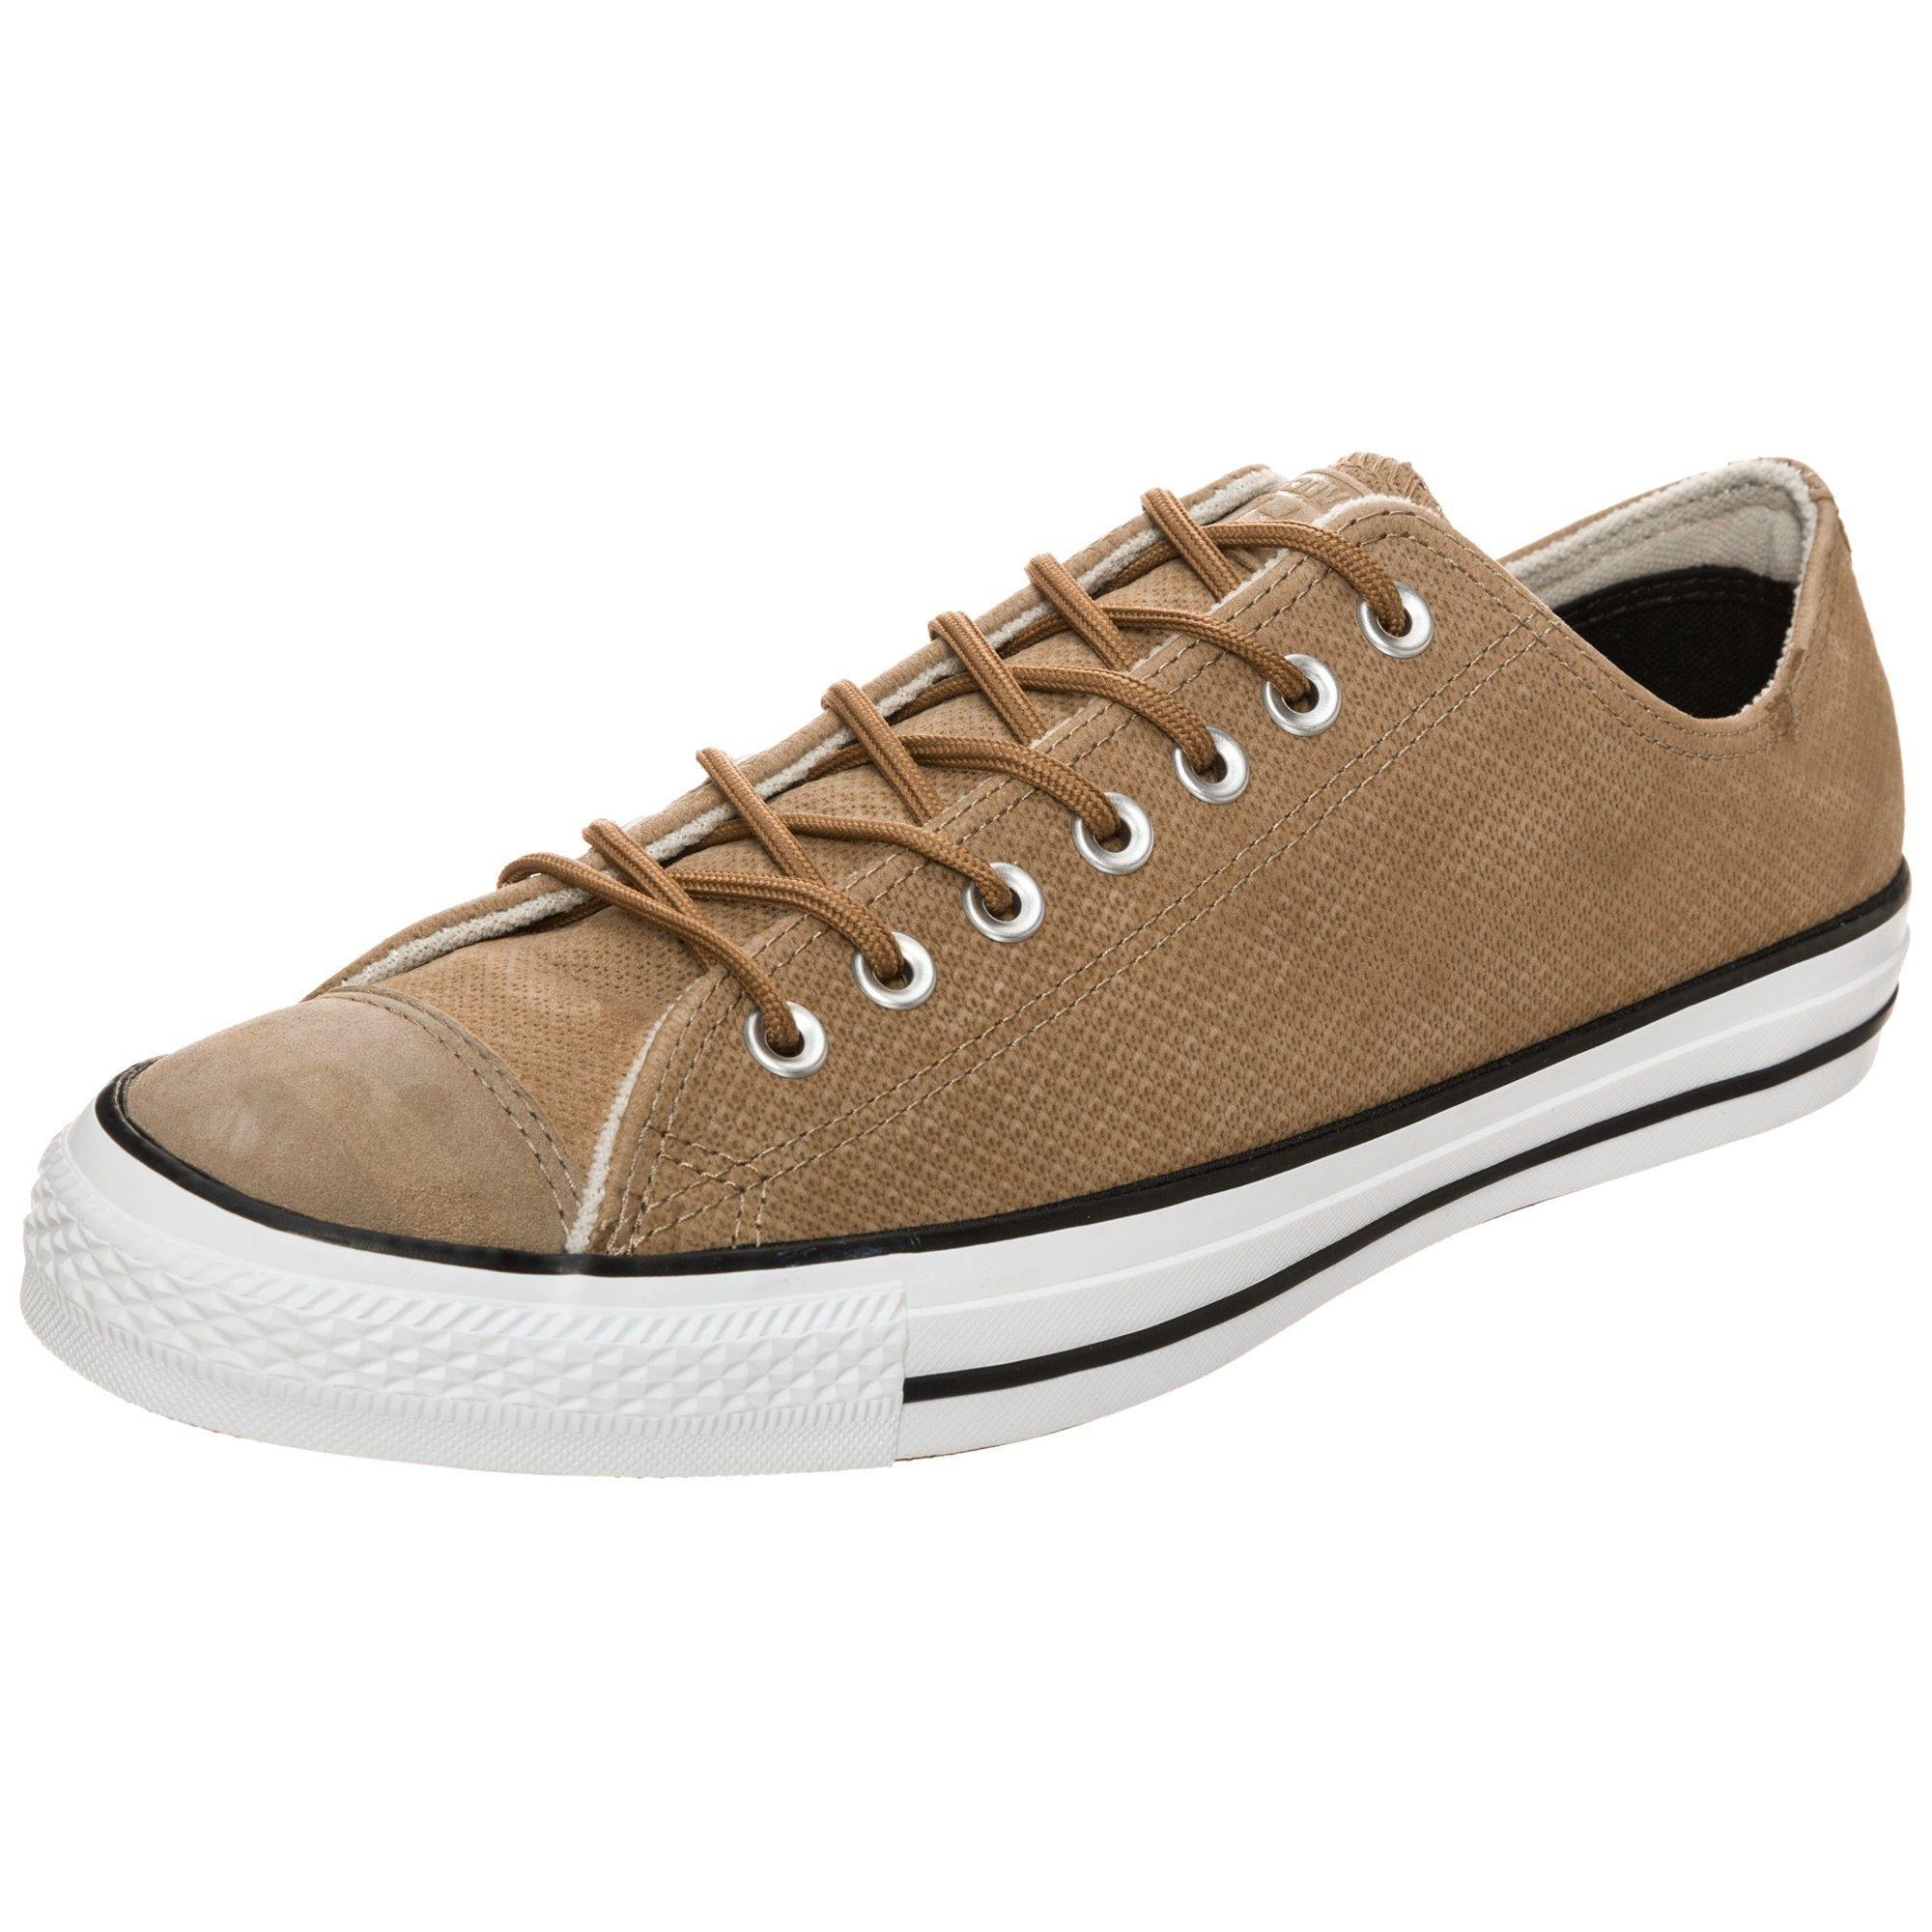 Converse Sneaker Chuck Taylor All Star Ox gnstig kaufen | Gutes Preis-Leistungs-Verhältnis, es lohnt sich